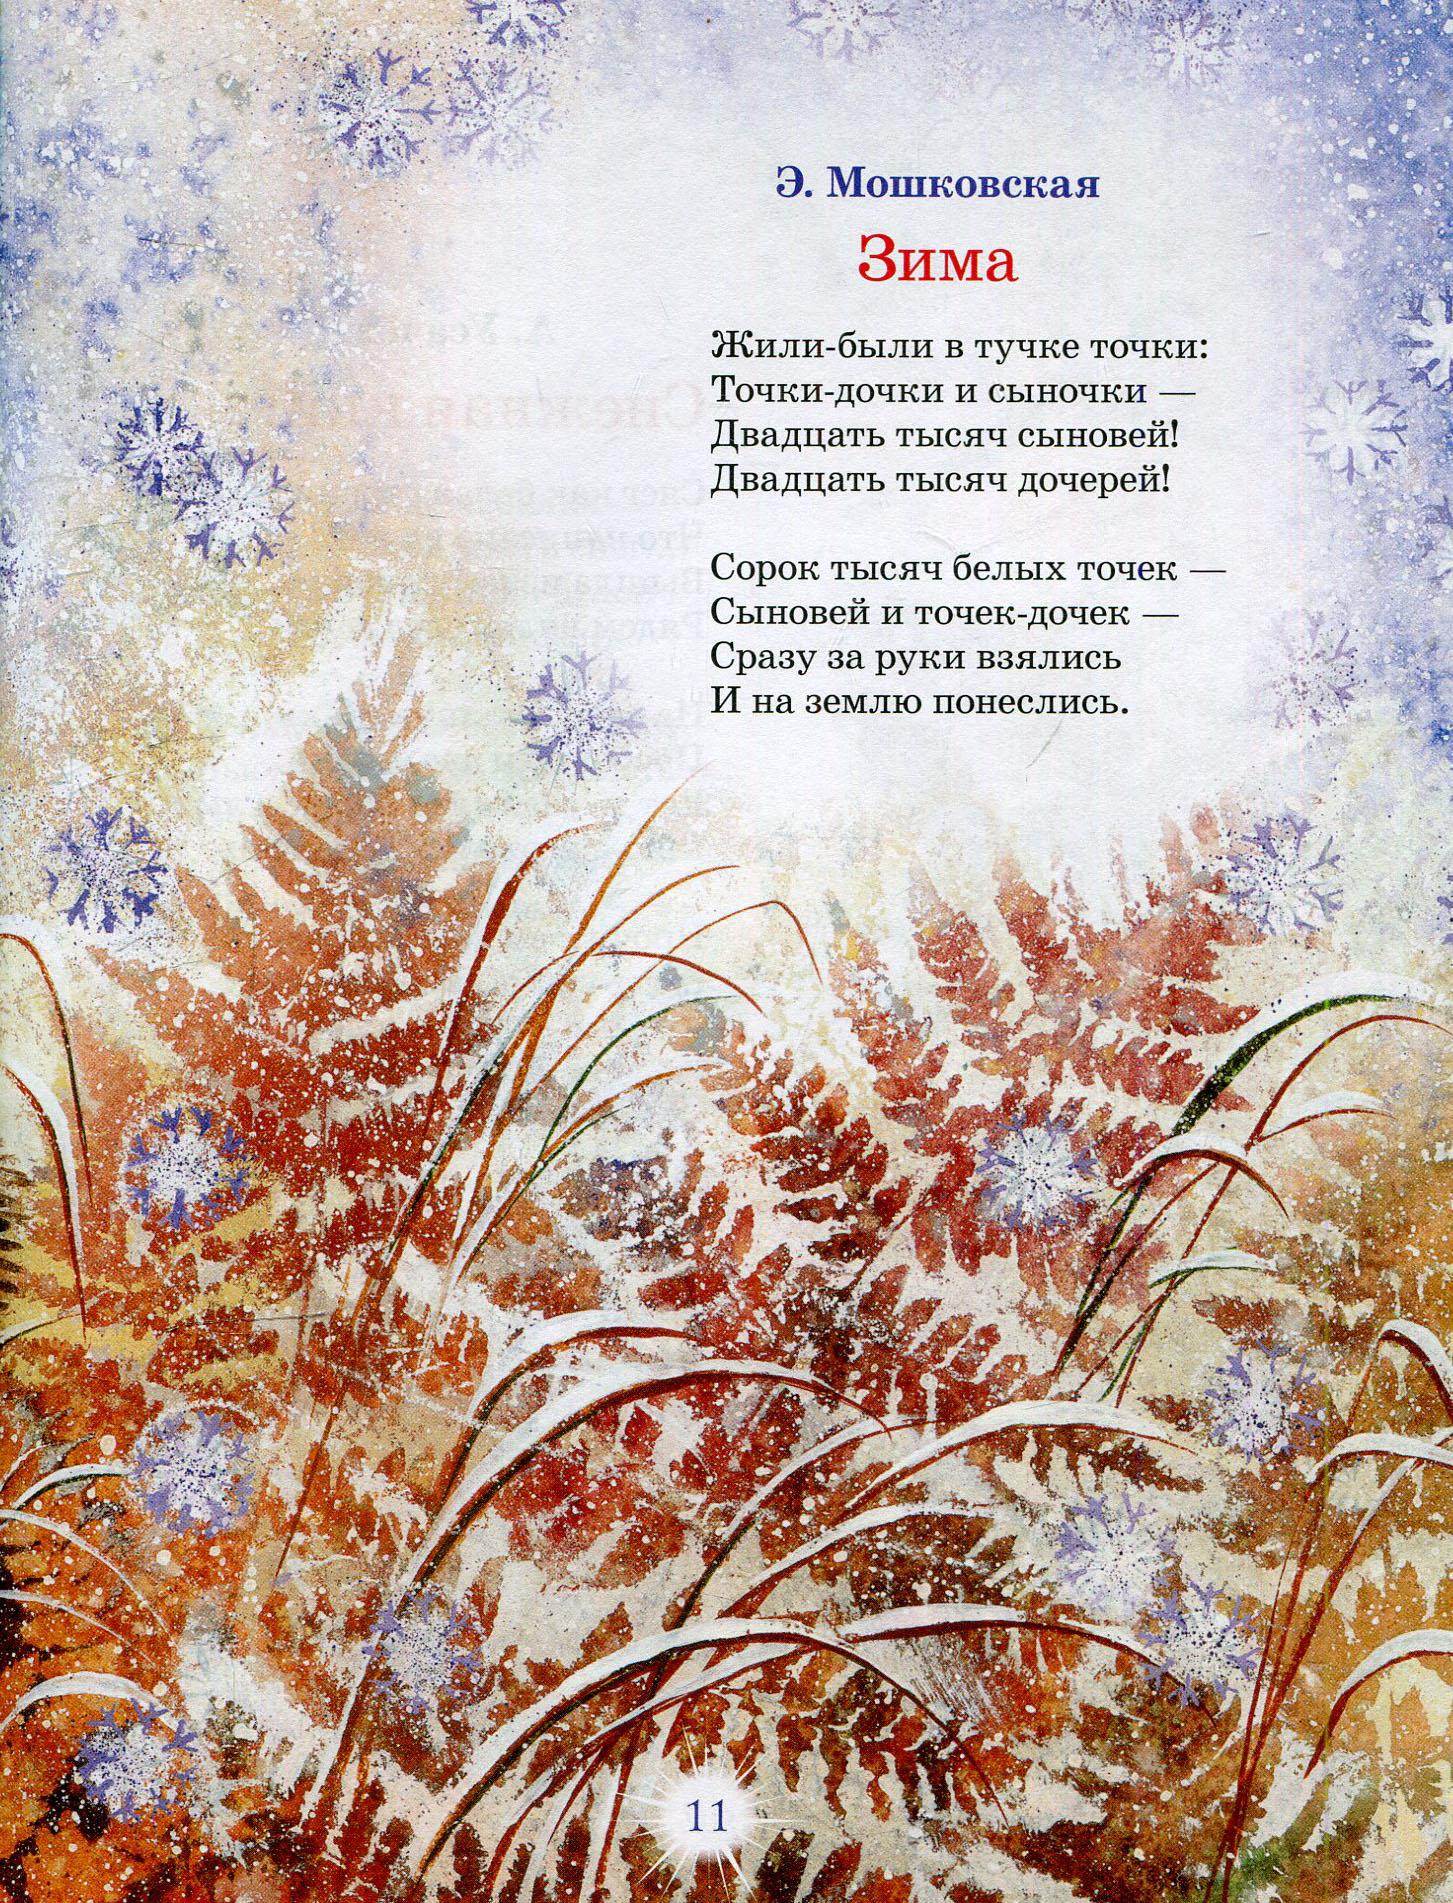 красивые стихи о новом годе русских поэтов